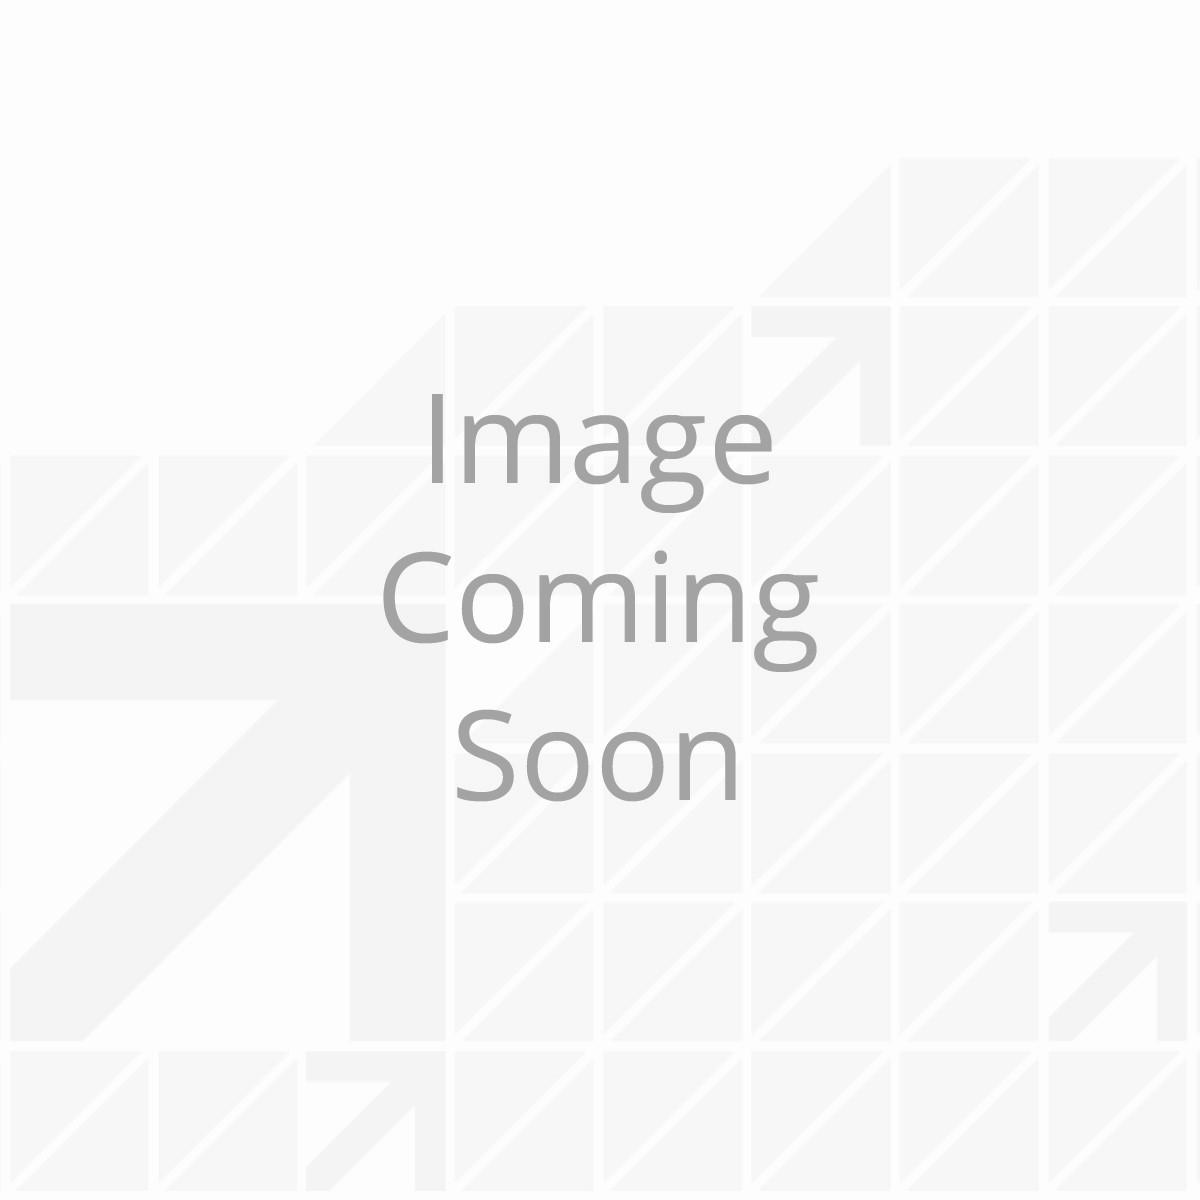 axle_101591